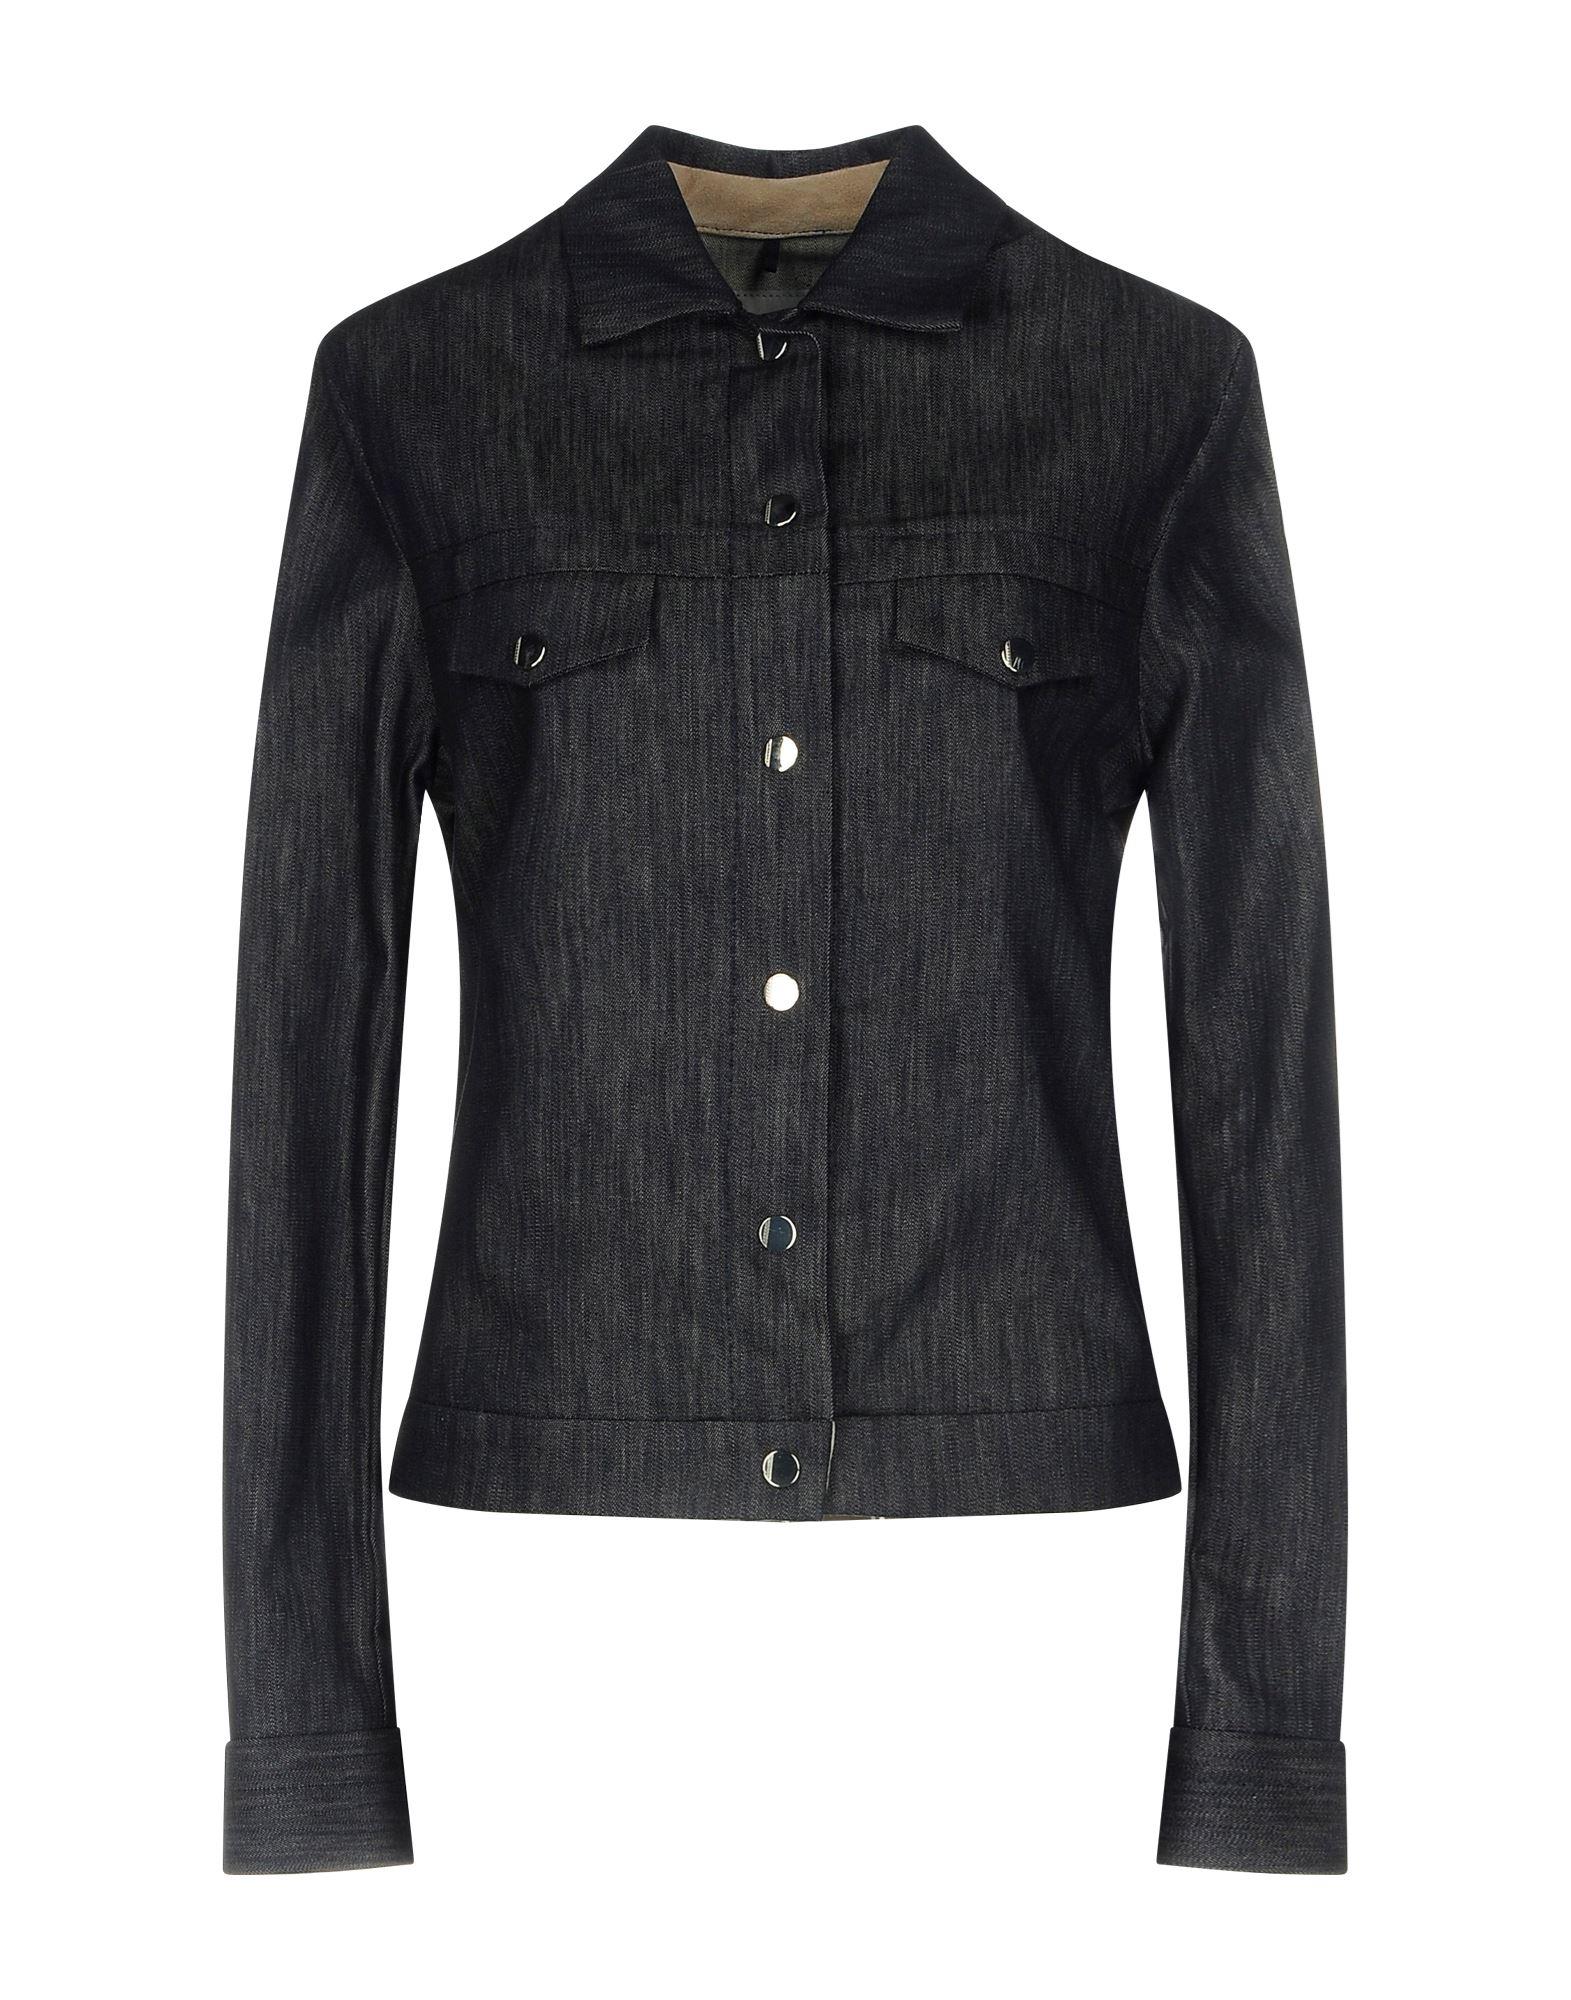 MALO Джинсовая верхняя одежда elle sasson джинсовая верхняя одежда